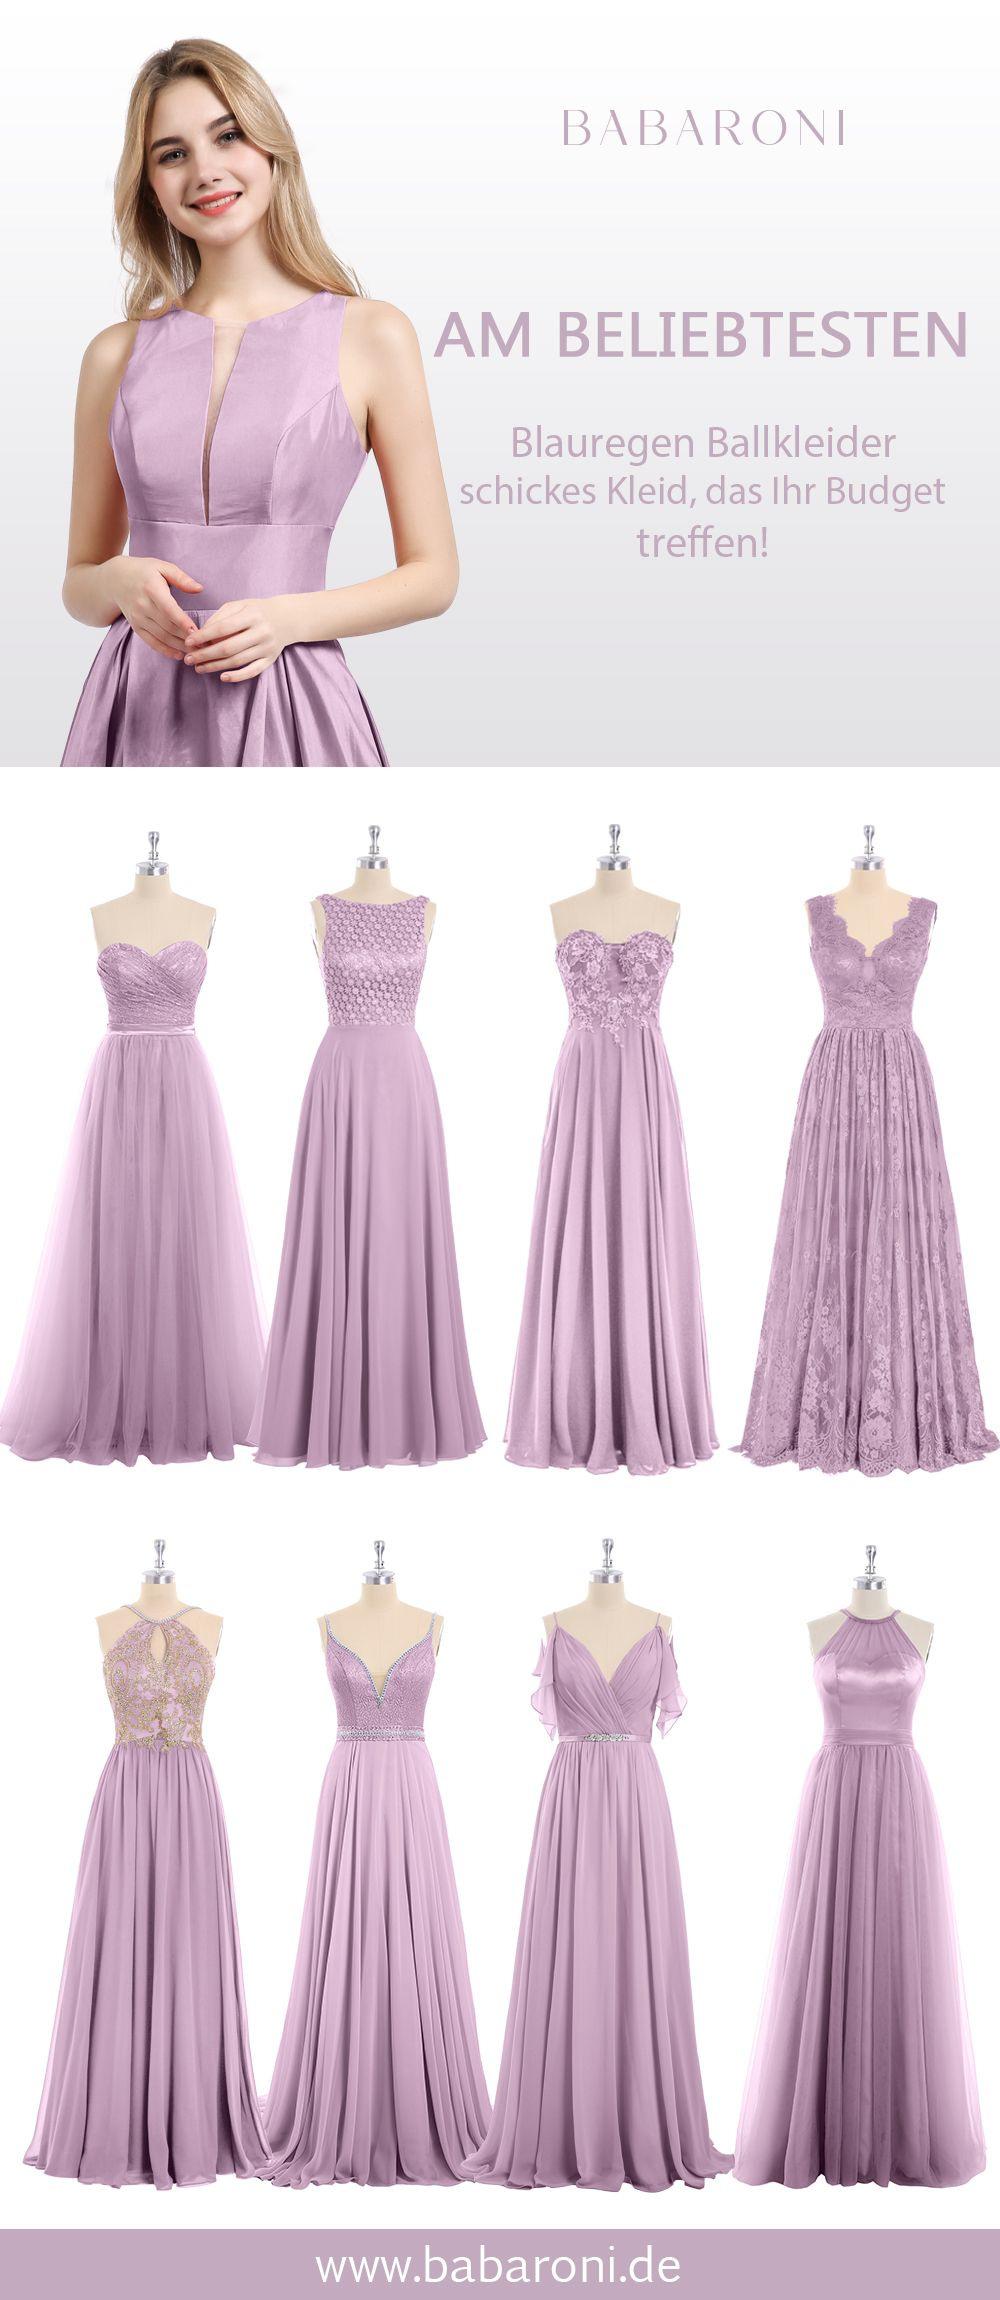 Abend Spektakulär Mädchen Abendkleider DesignDesigner Genial Mädchen Abendkleider für 2019